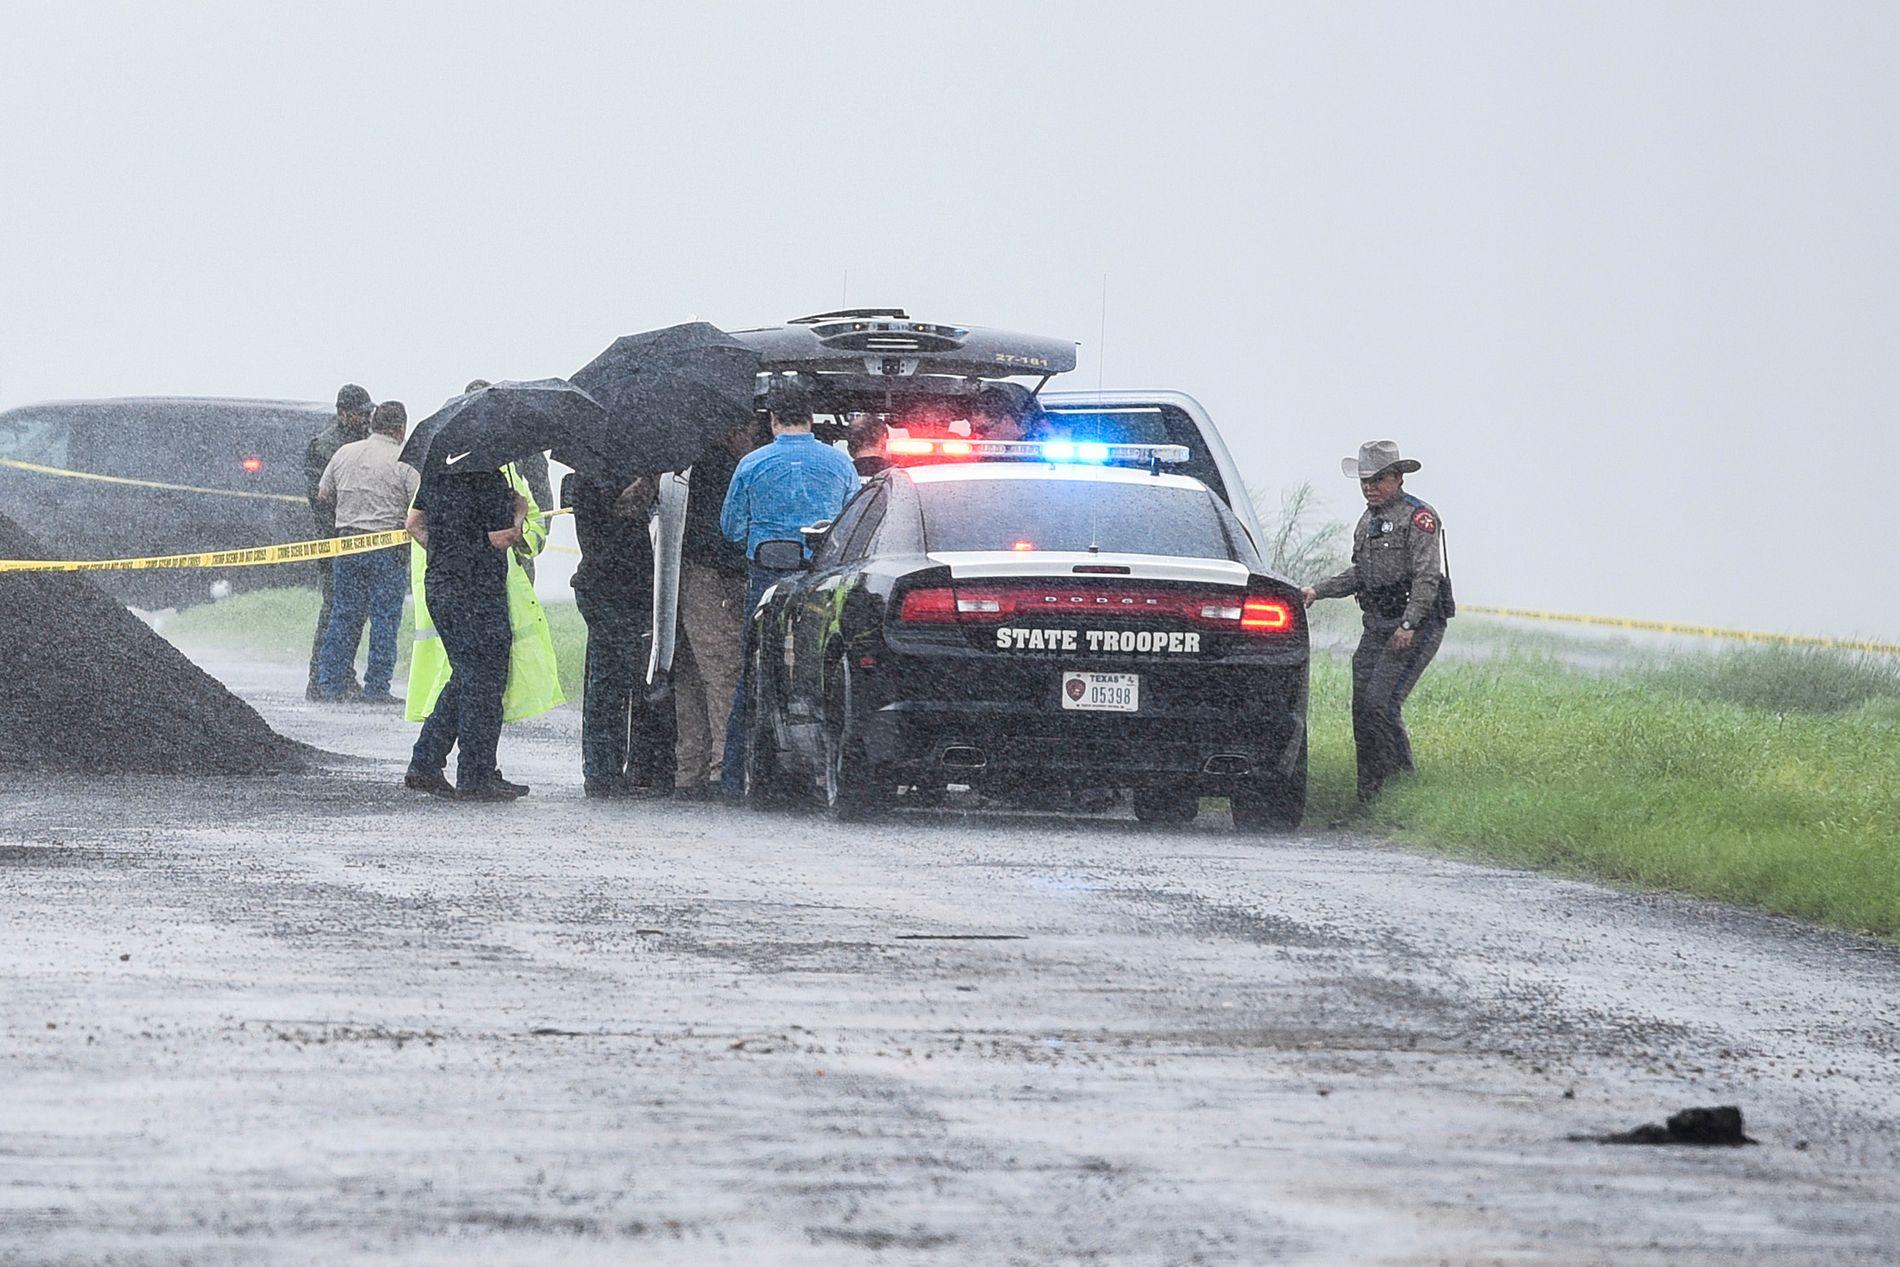 PÅGREPET: Politi ved åstedet der en kvinne ble funnet drept i Laredo i Texas.